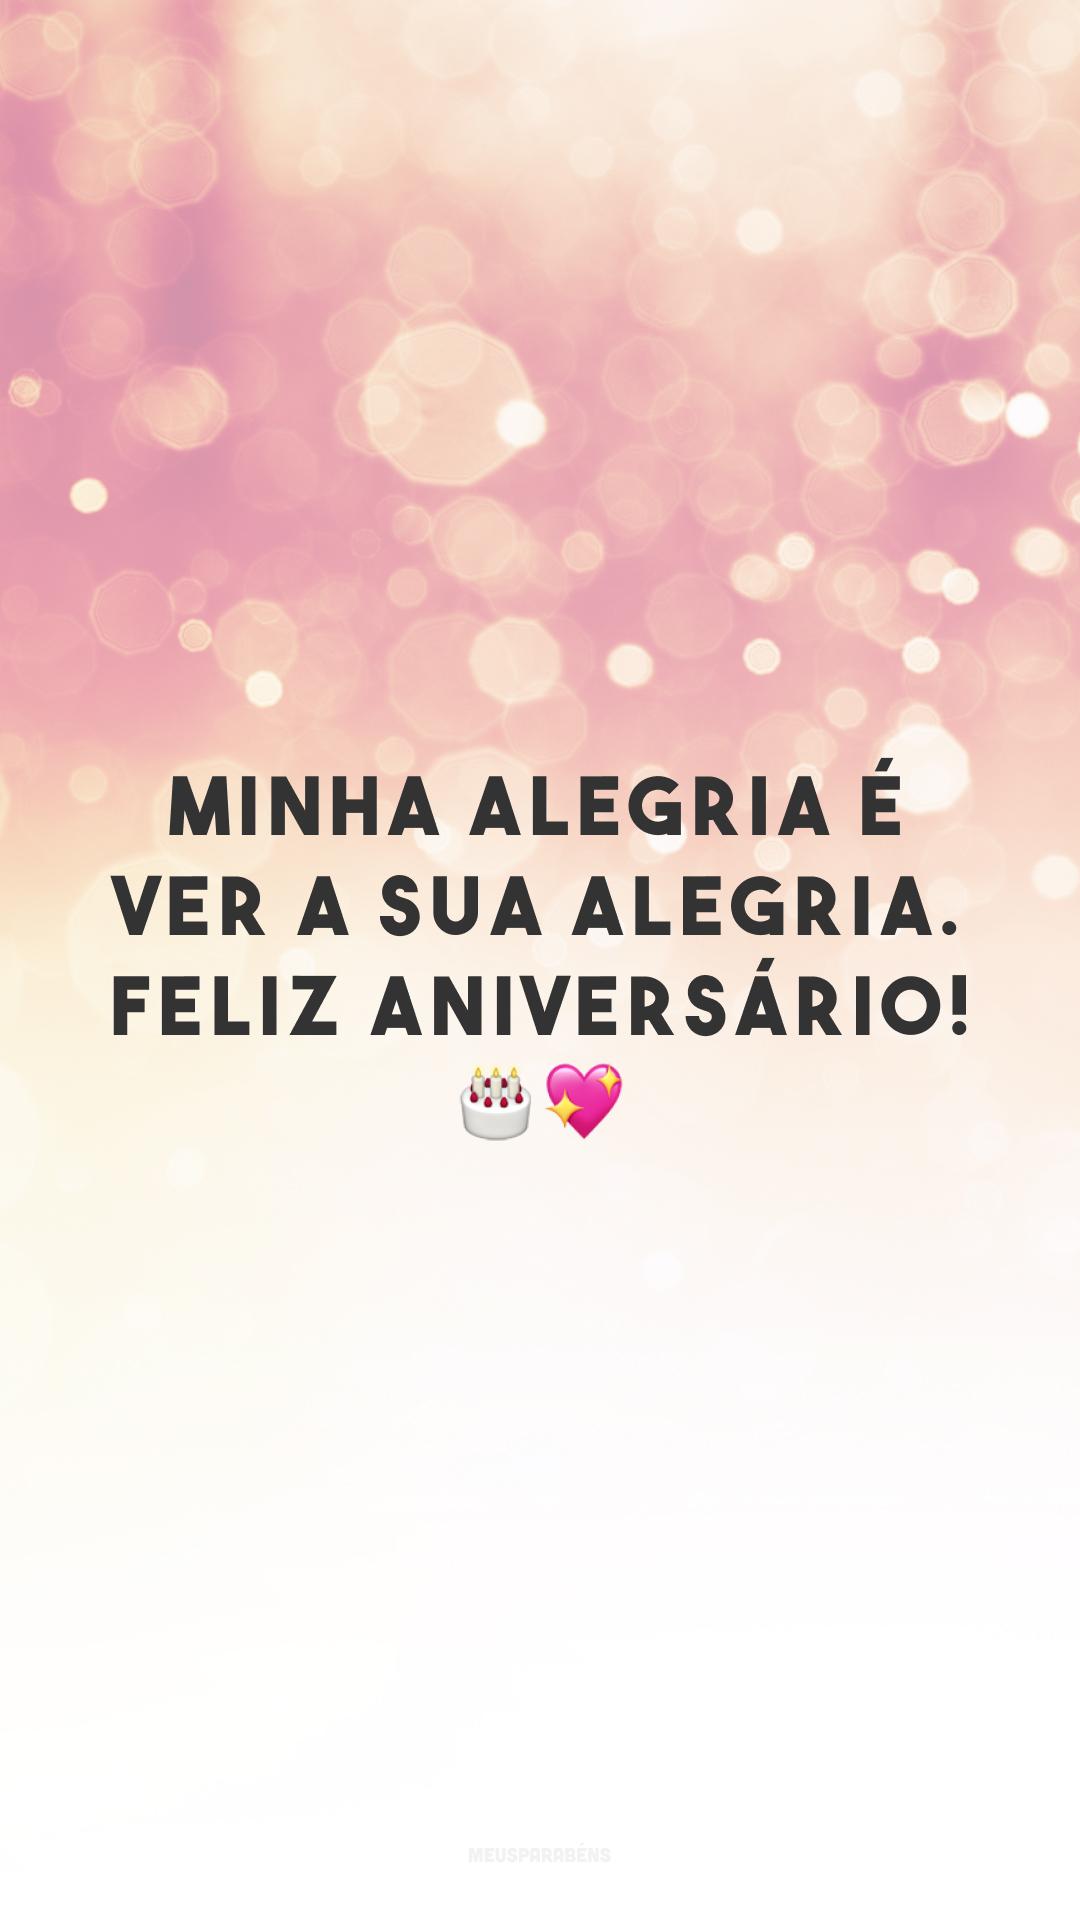 Minha alegria é ver a sua alegria. Feliz aniversário! 🎂💖